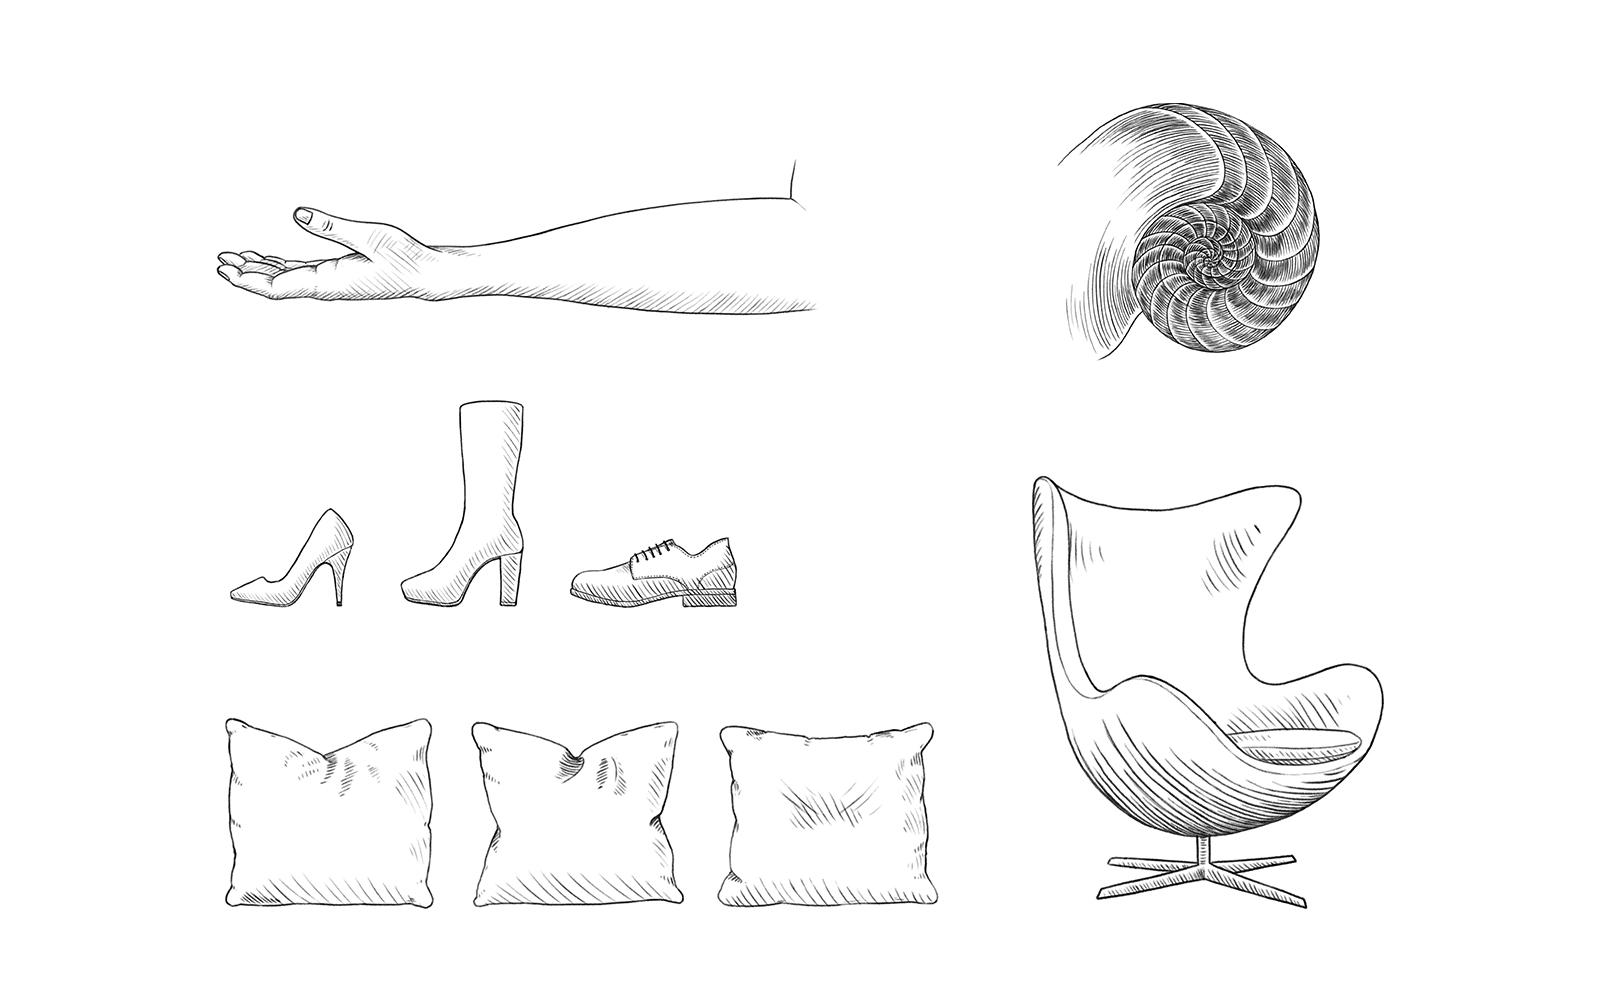 illustration-Handbok_i_inredning_och_styling-Mia_Olofsson_05